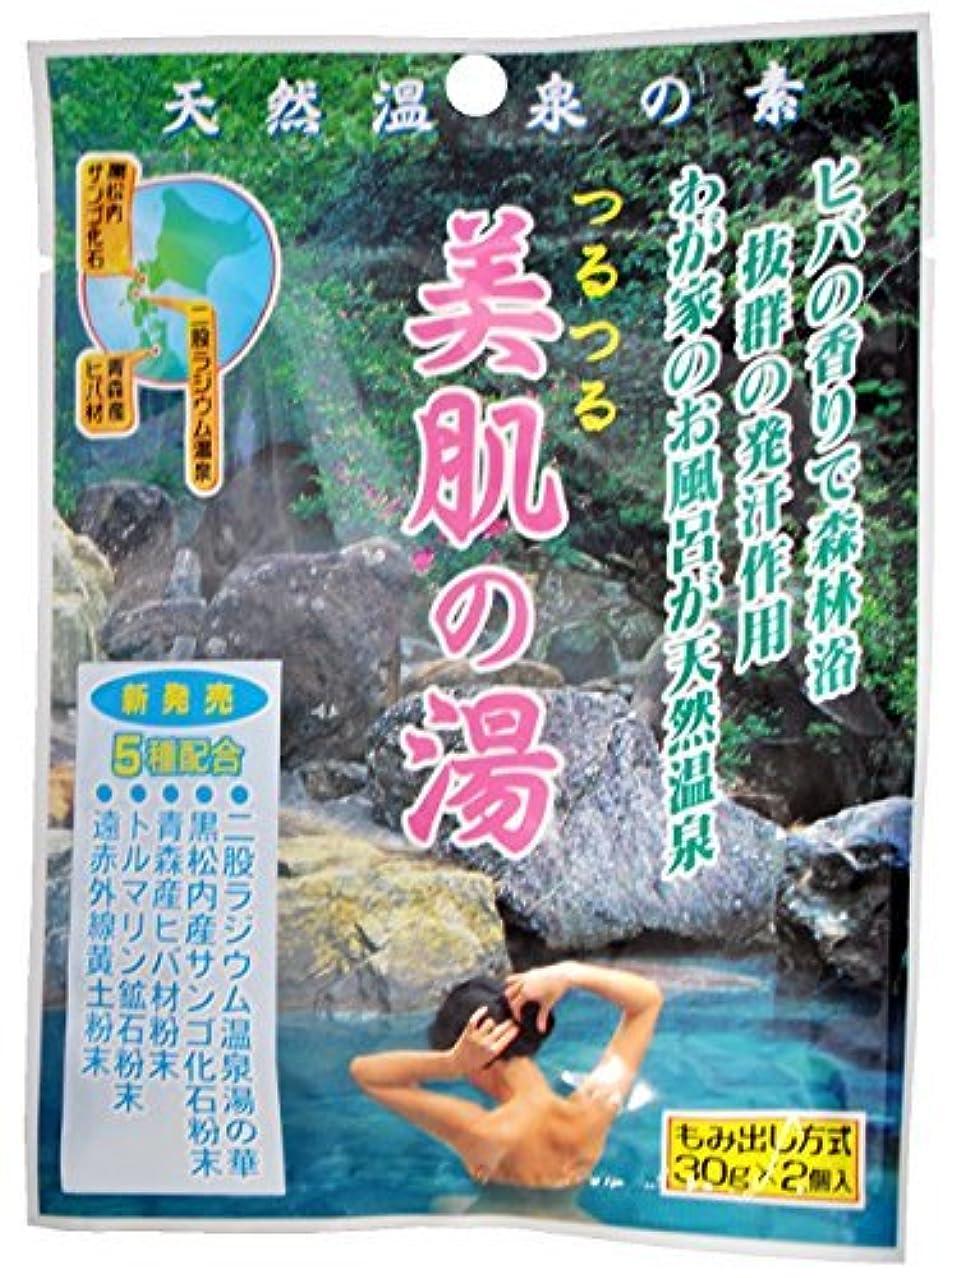 【まとめ買い】天然成分入浴剤 つるつる 美肌の湯 2袋入 二股ラジウム温泉の湯の華 ×20個